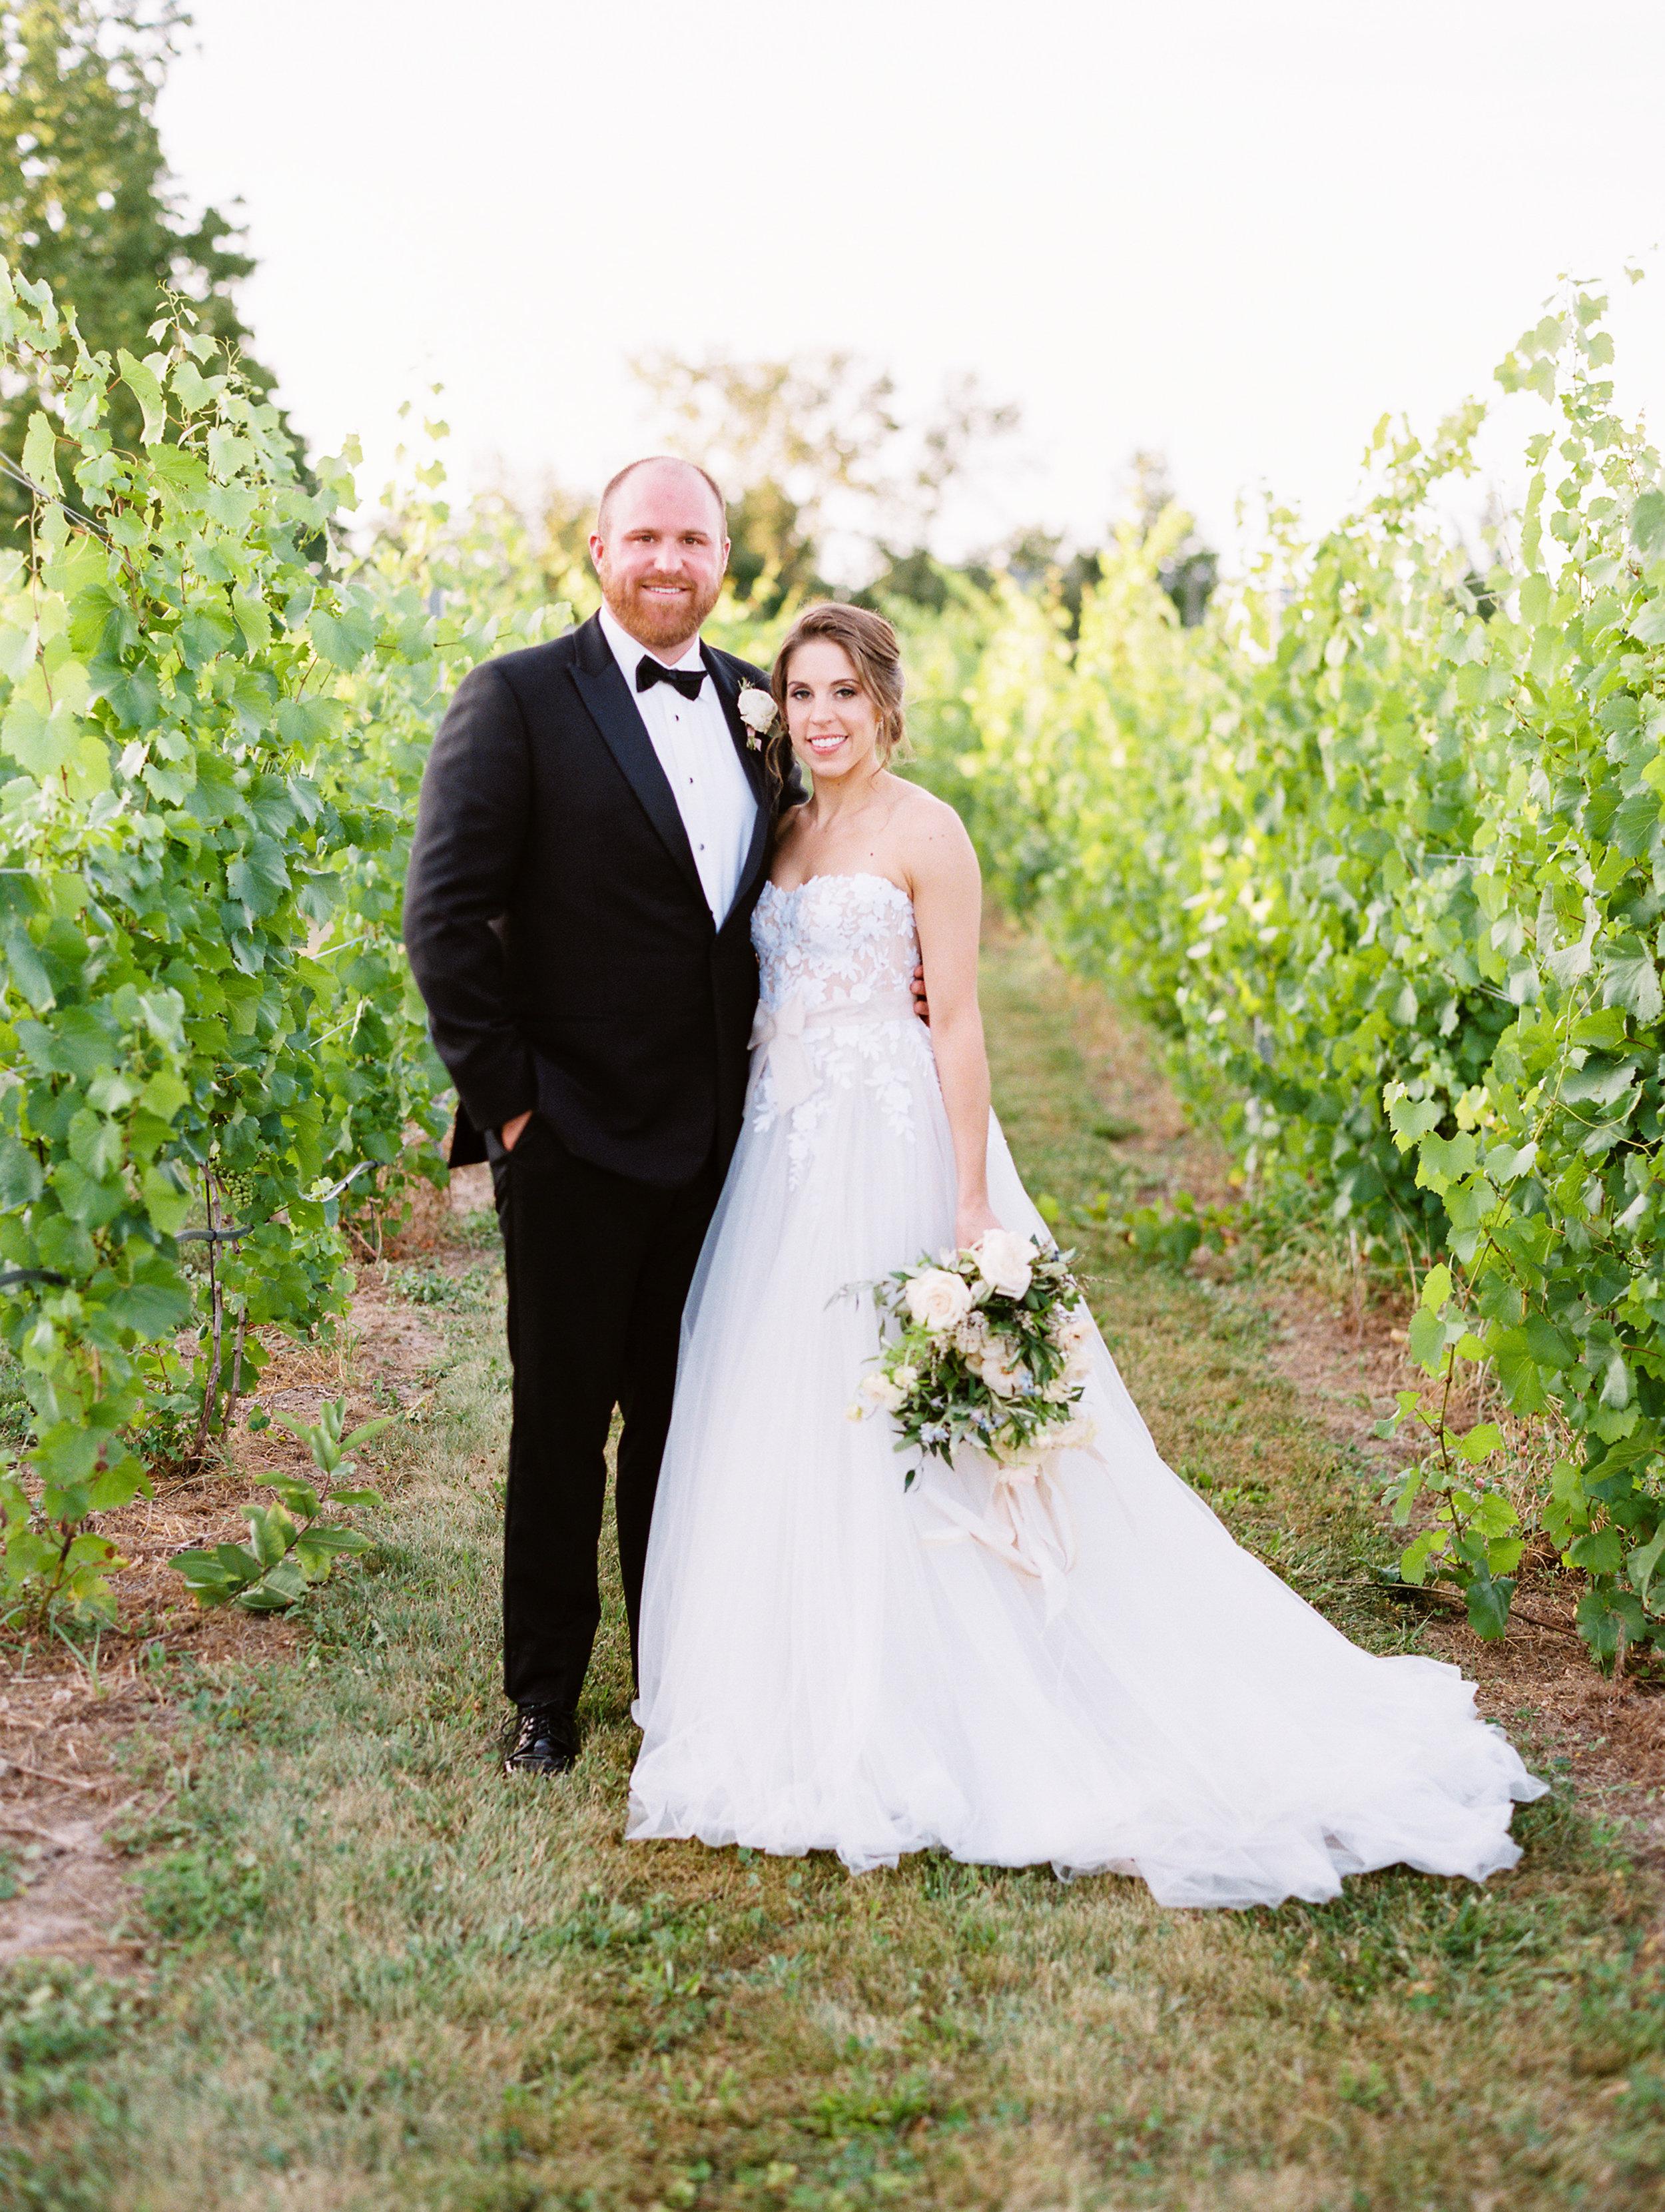 Steinlage+Wedding+Reception+Bride+Groom-60.jpg